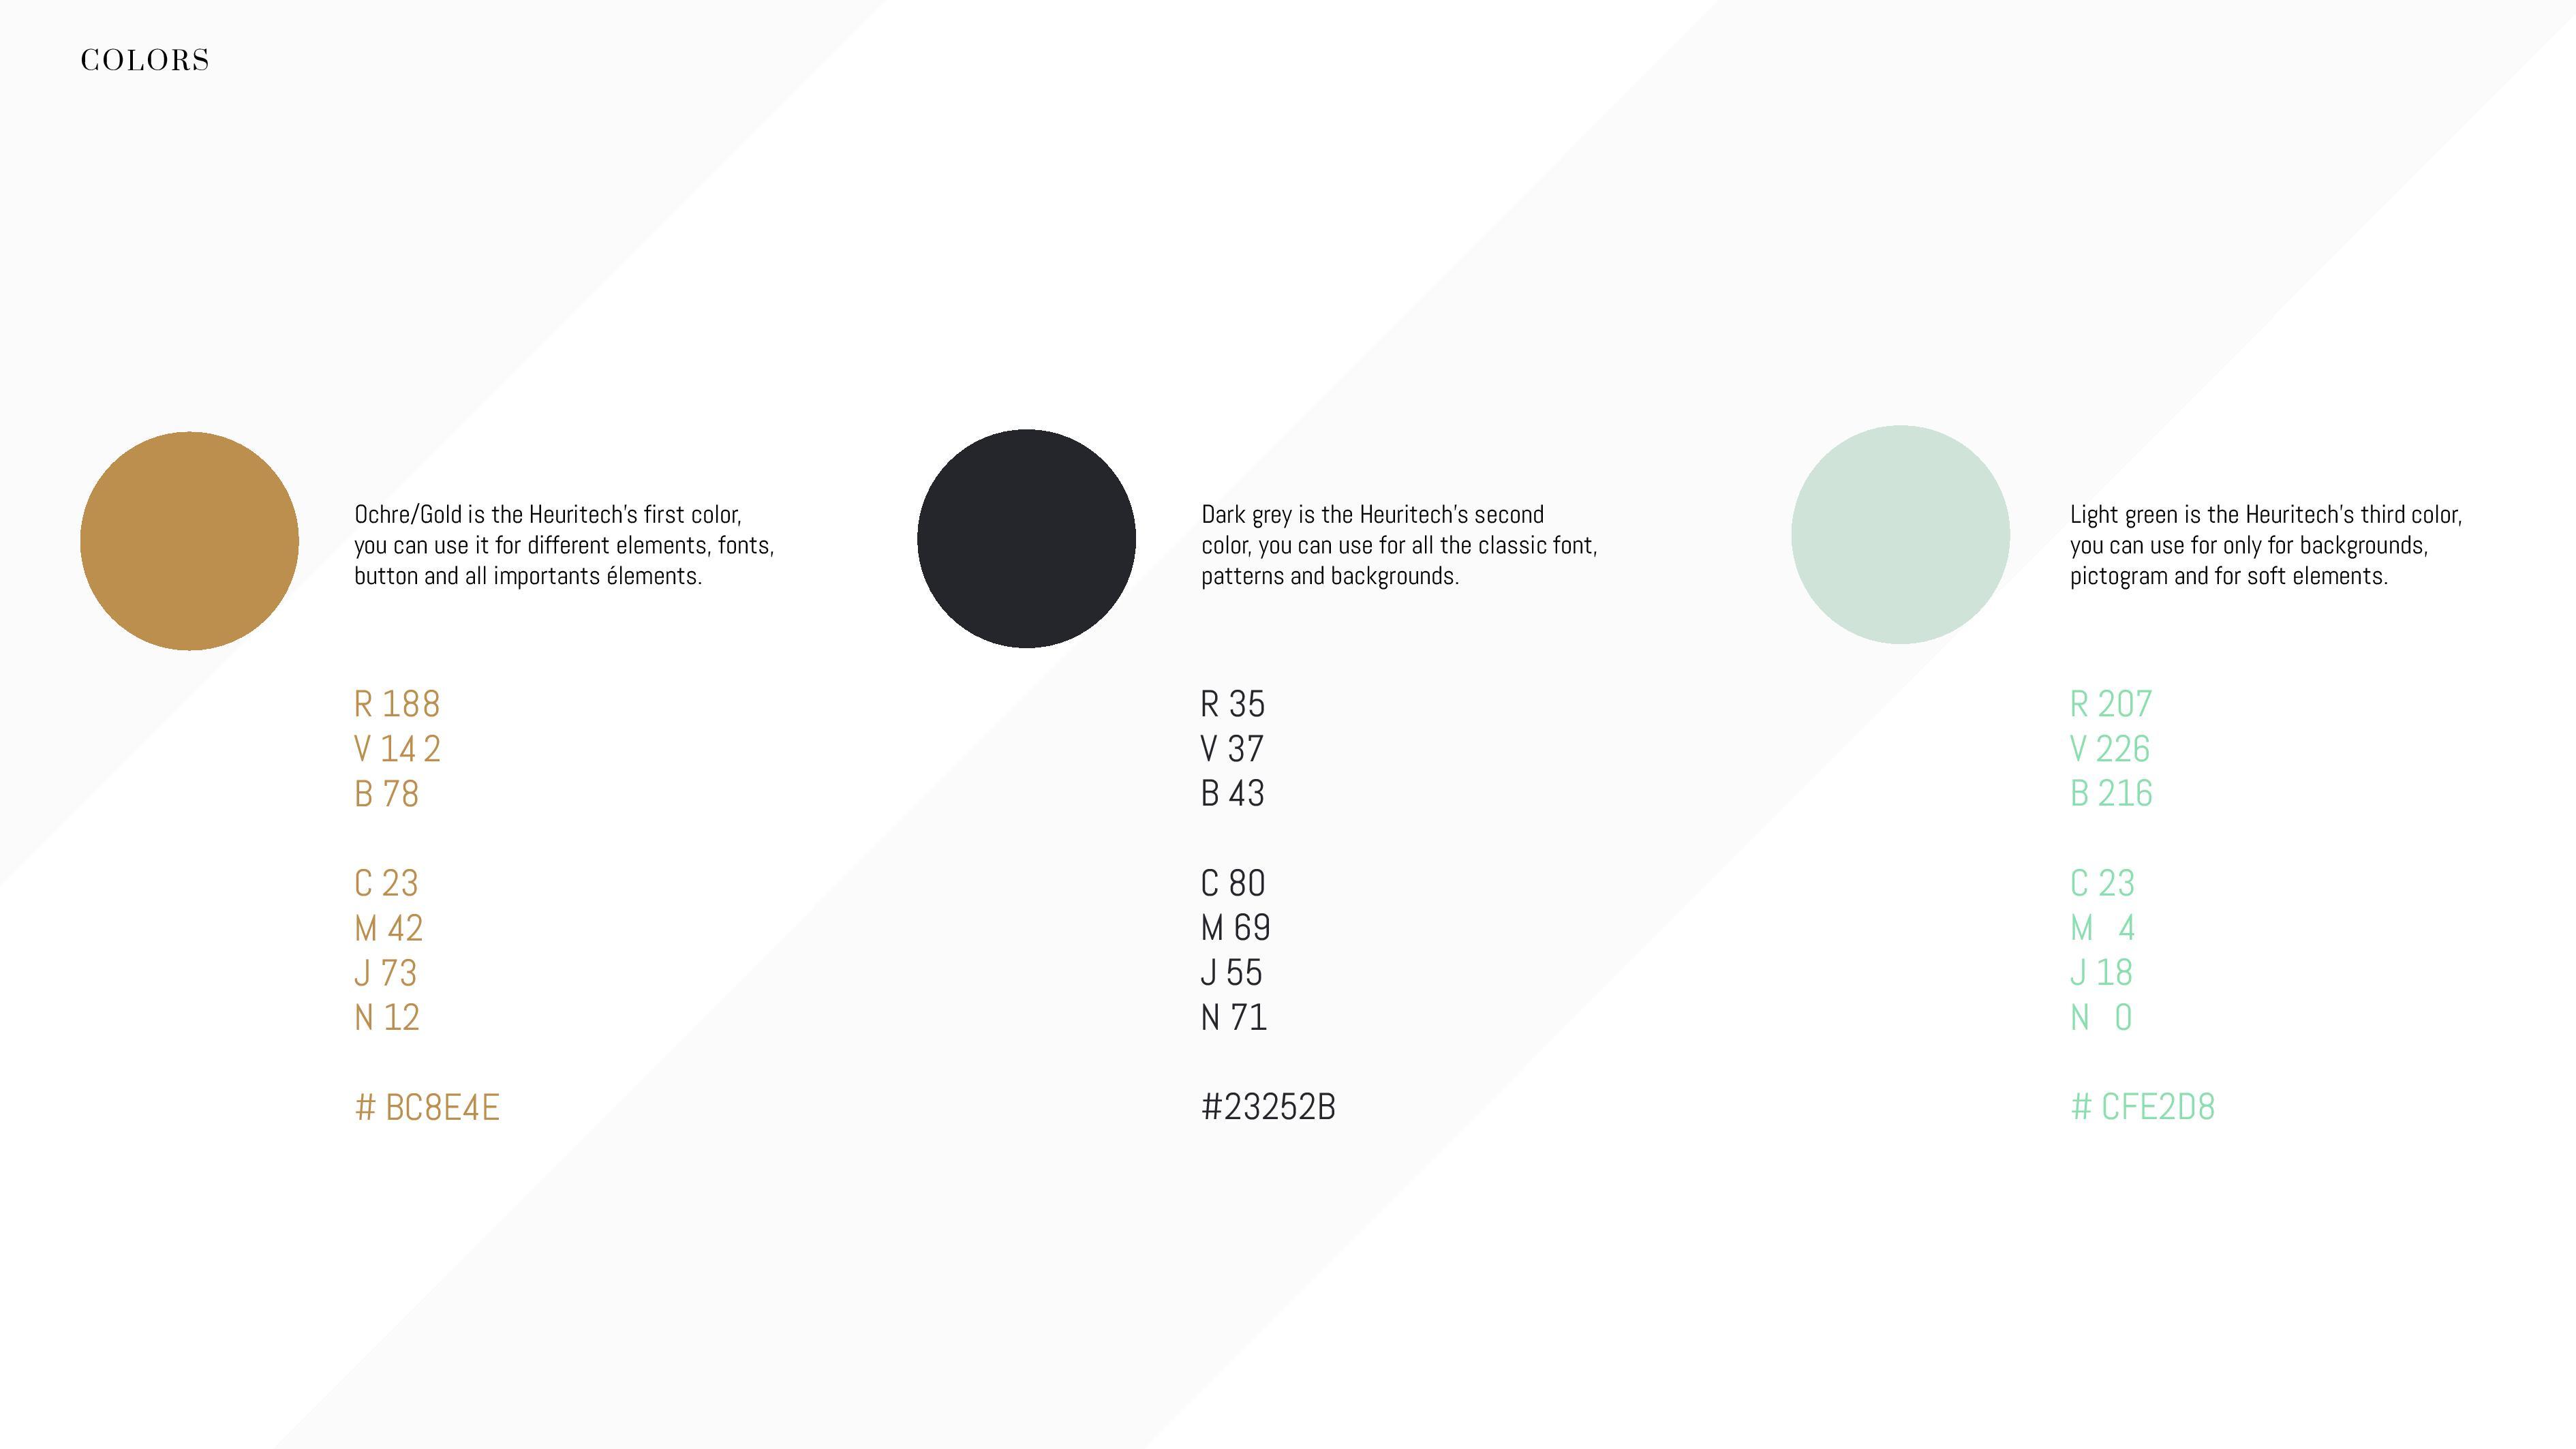 Brandbook-heuritech-NI-public-page-006